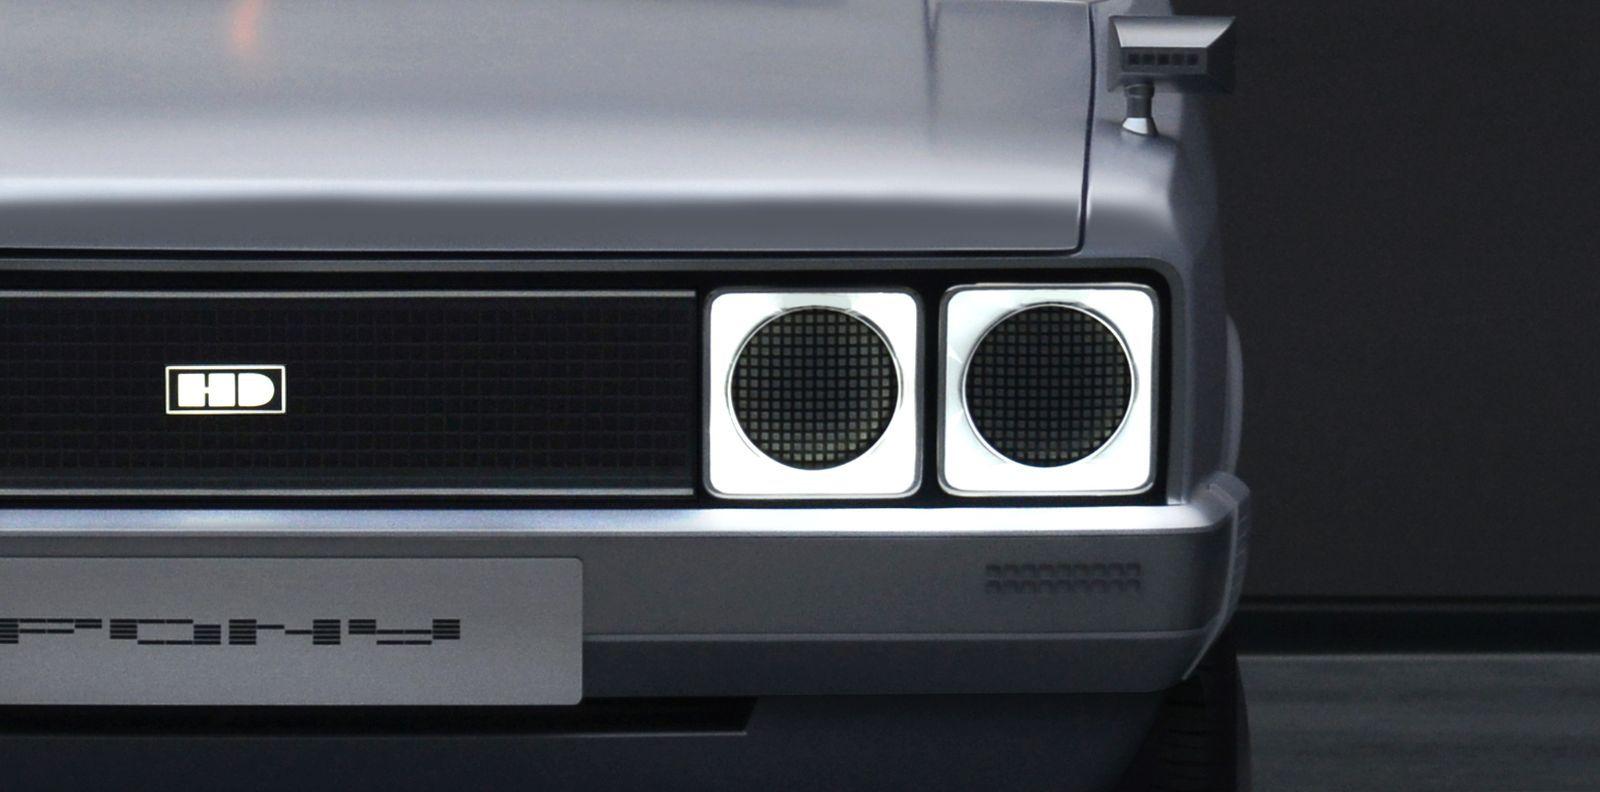 HyundaiPony_2021_AutoRok_15